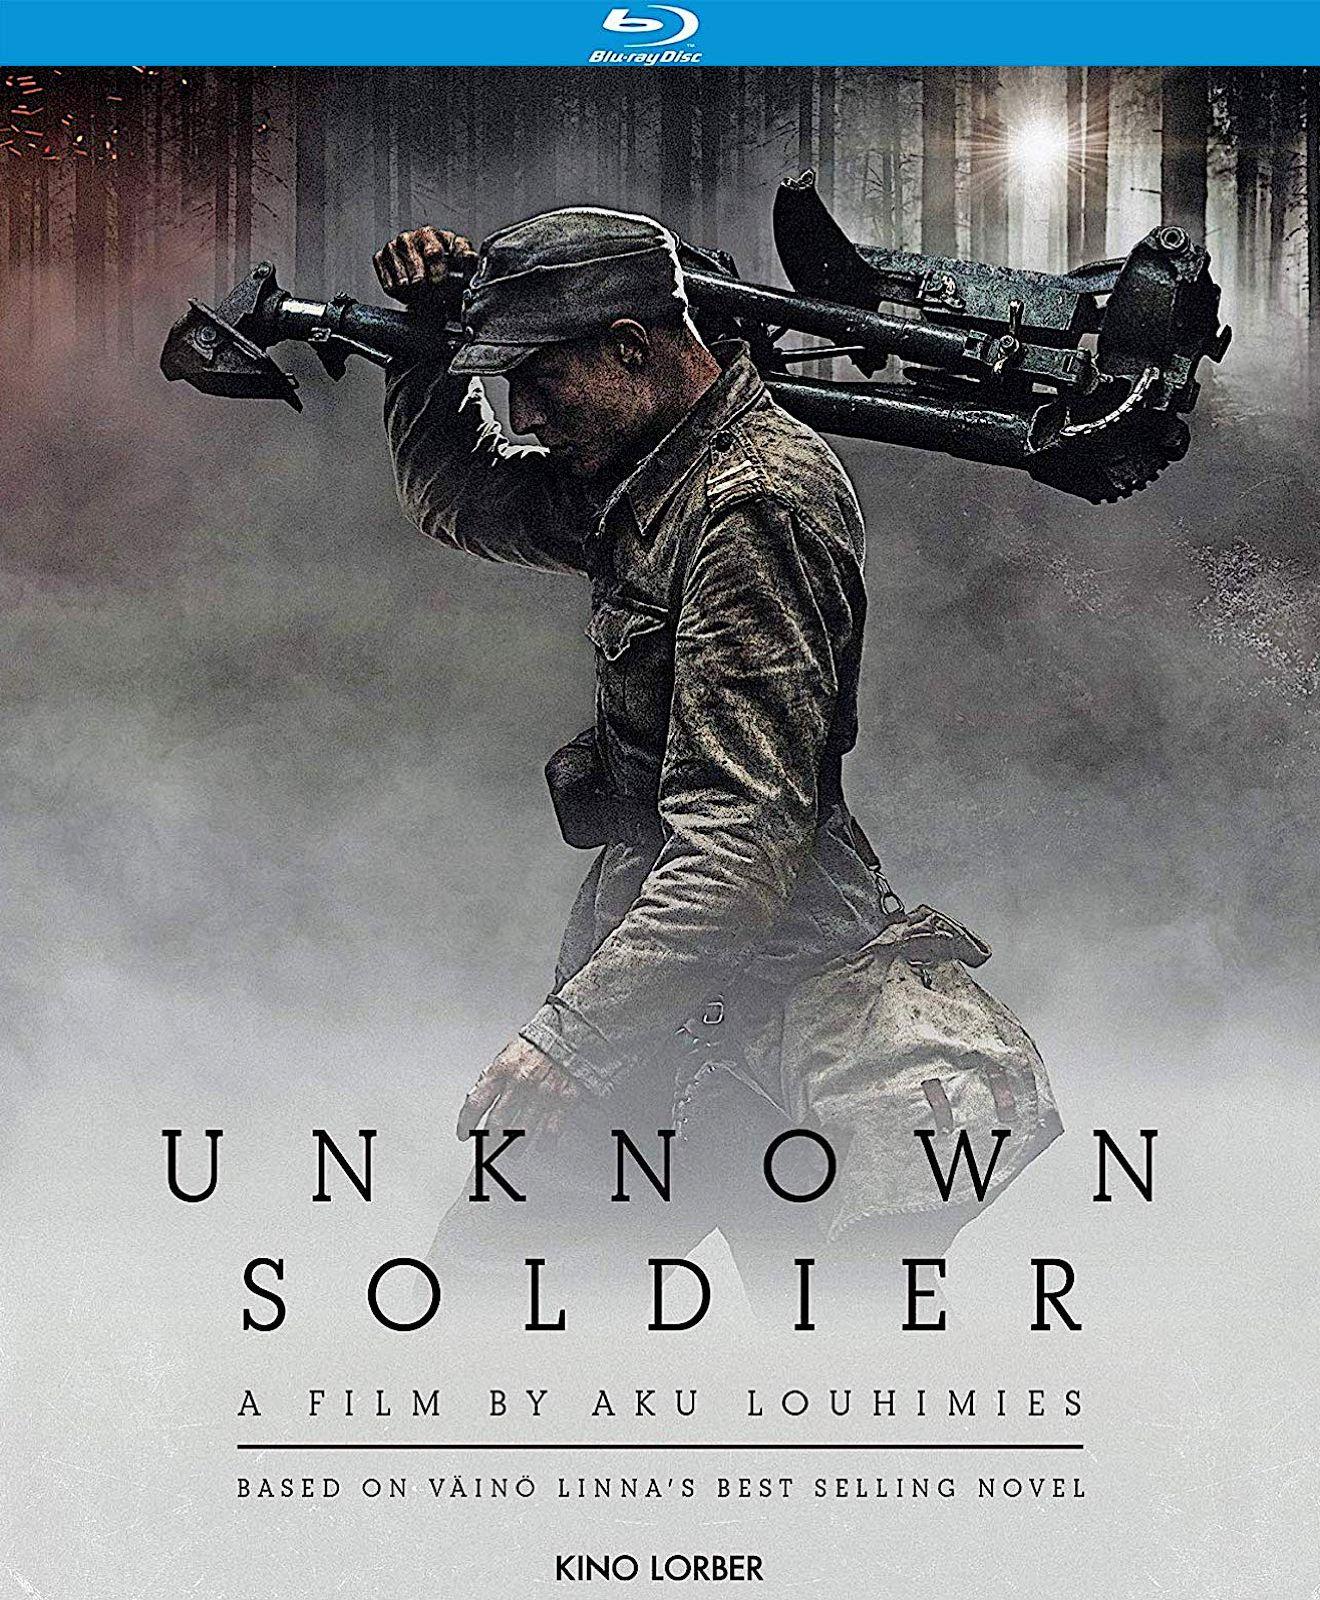 UNKNOWN SOLDIER BLURAY (KINO LORBER) Unknown soldier